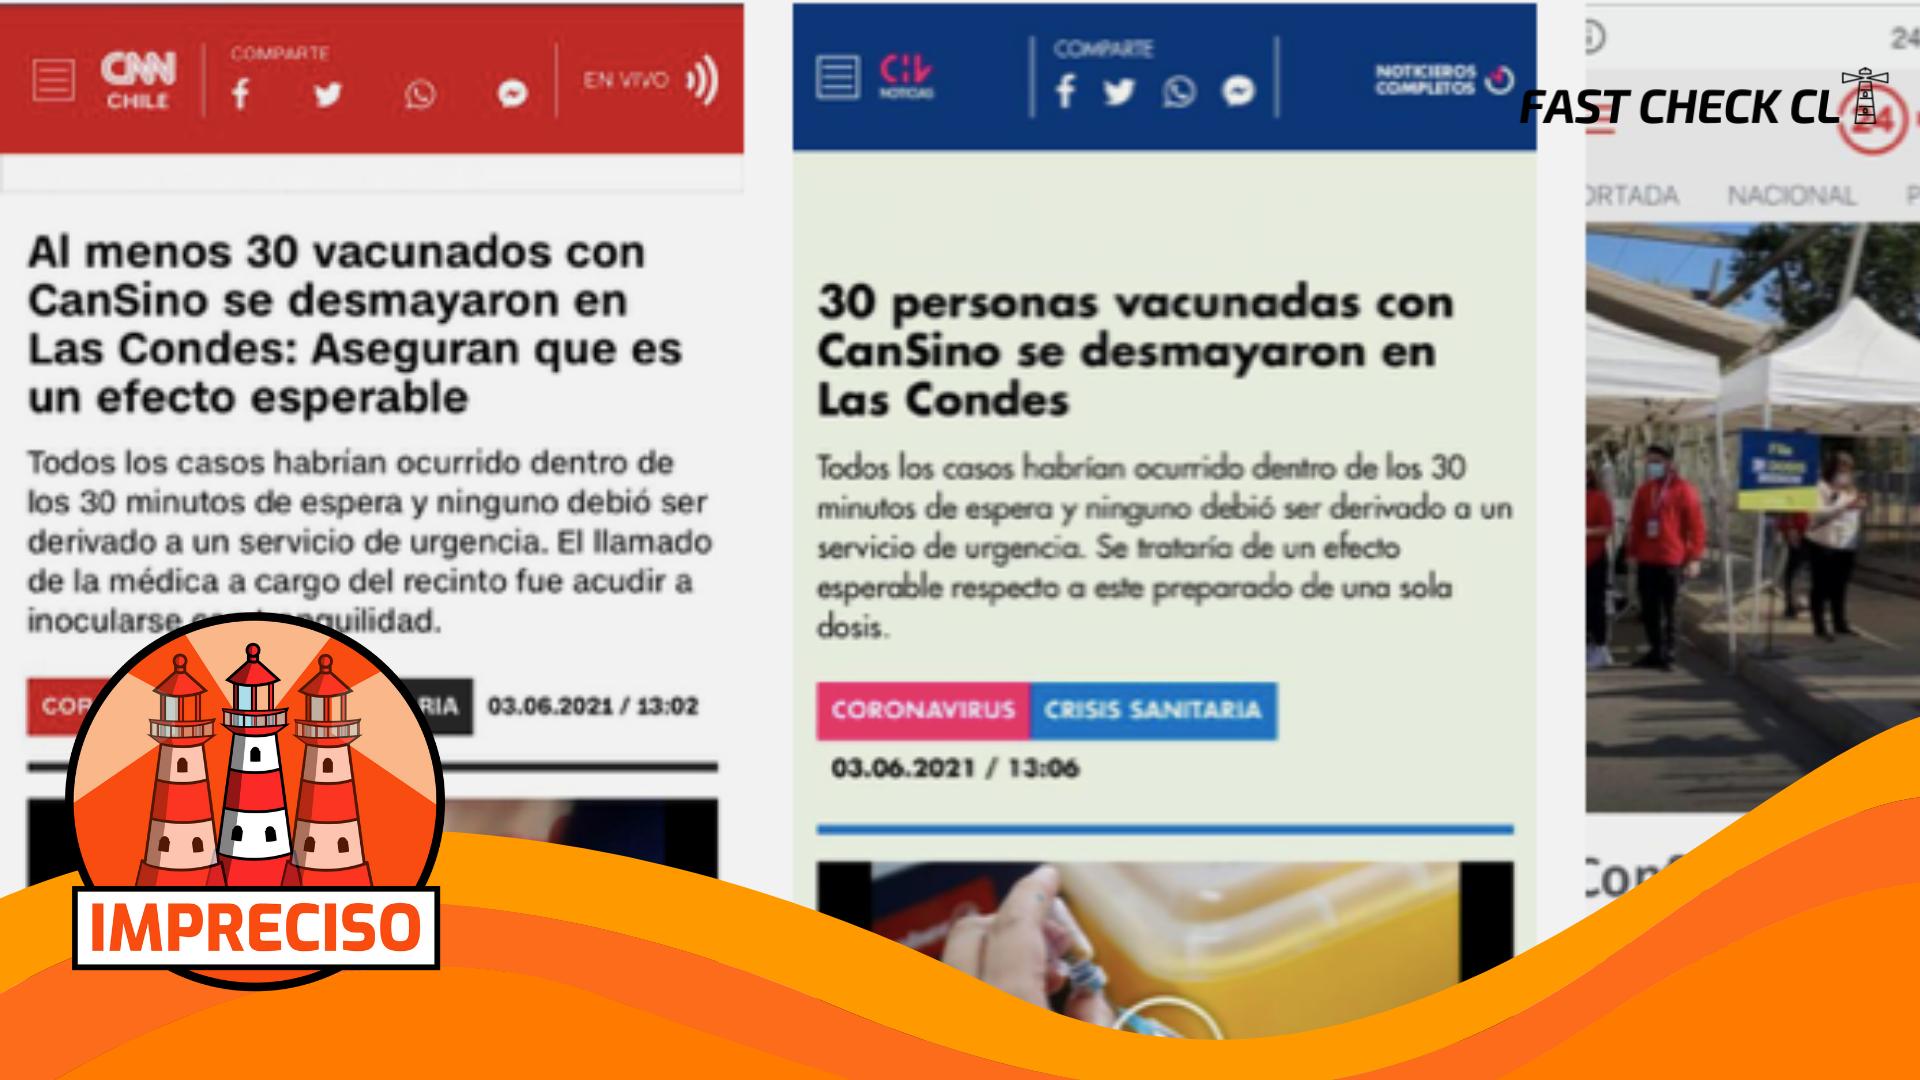 30 personas se desmayaron tras recibir dosis de la vacuna Cansino en Las Condes: #Impreciso